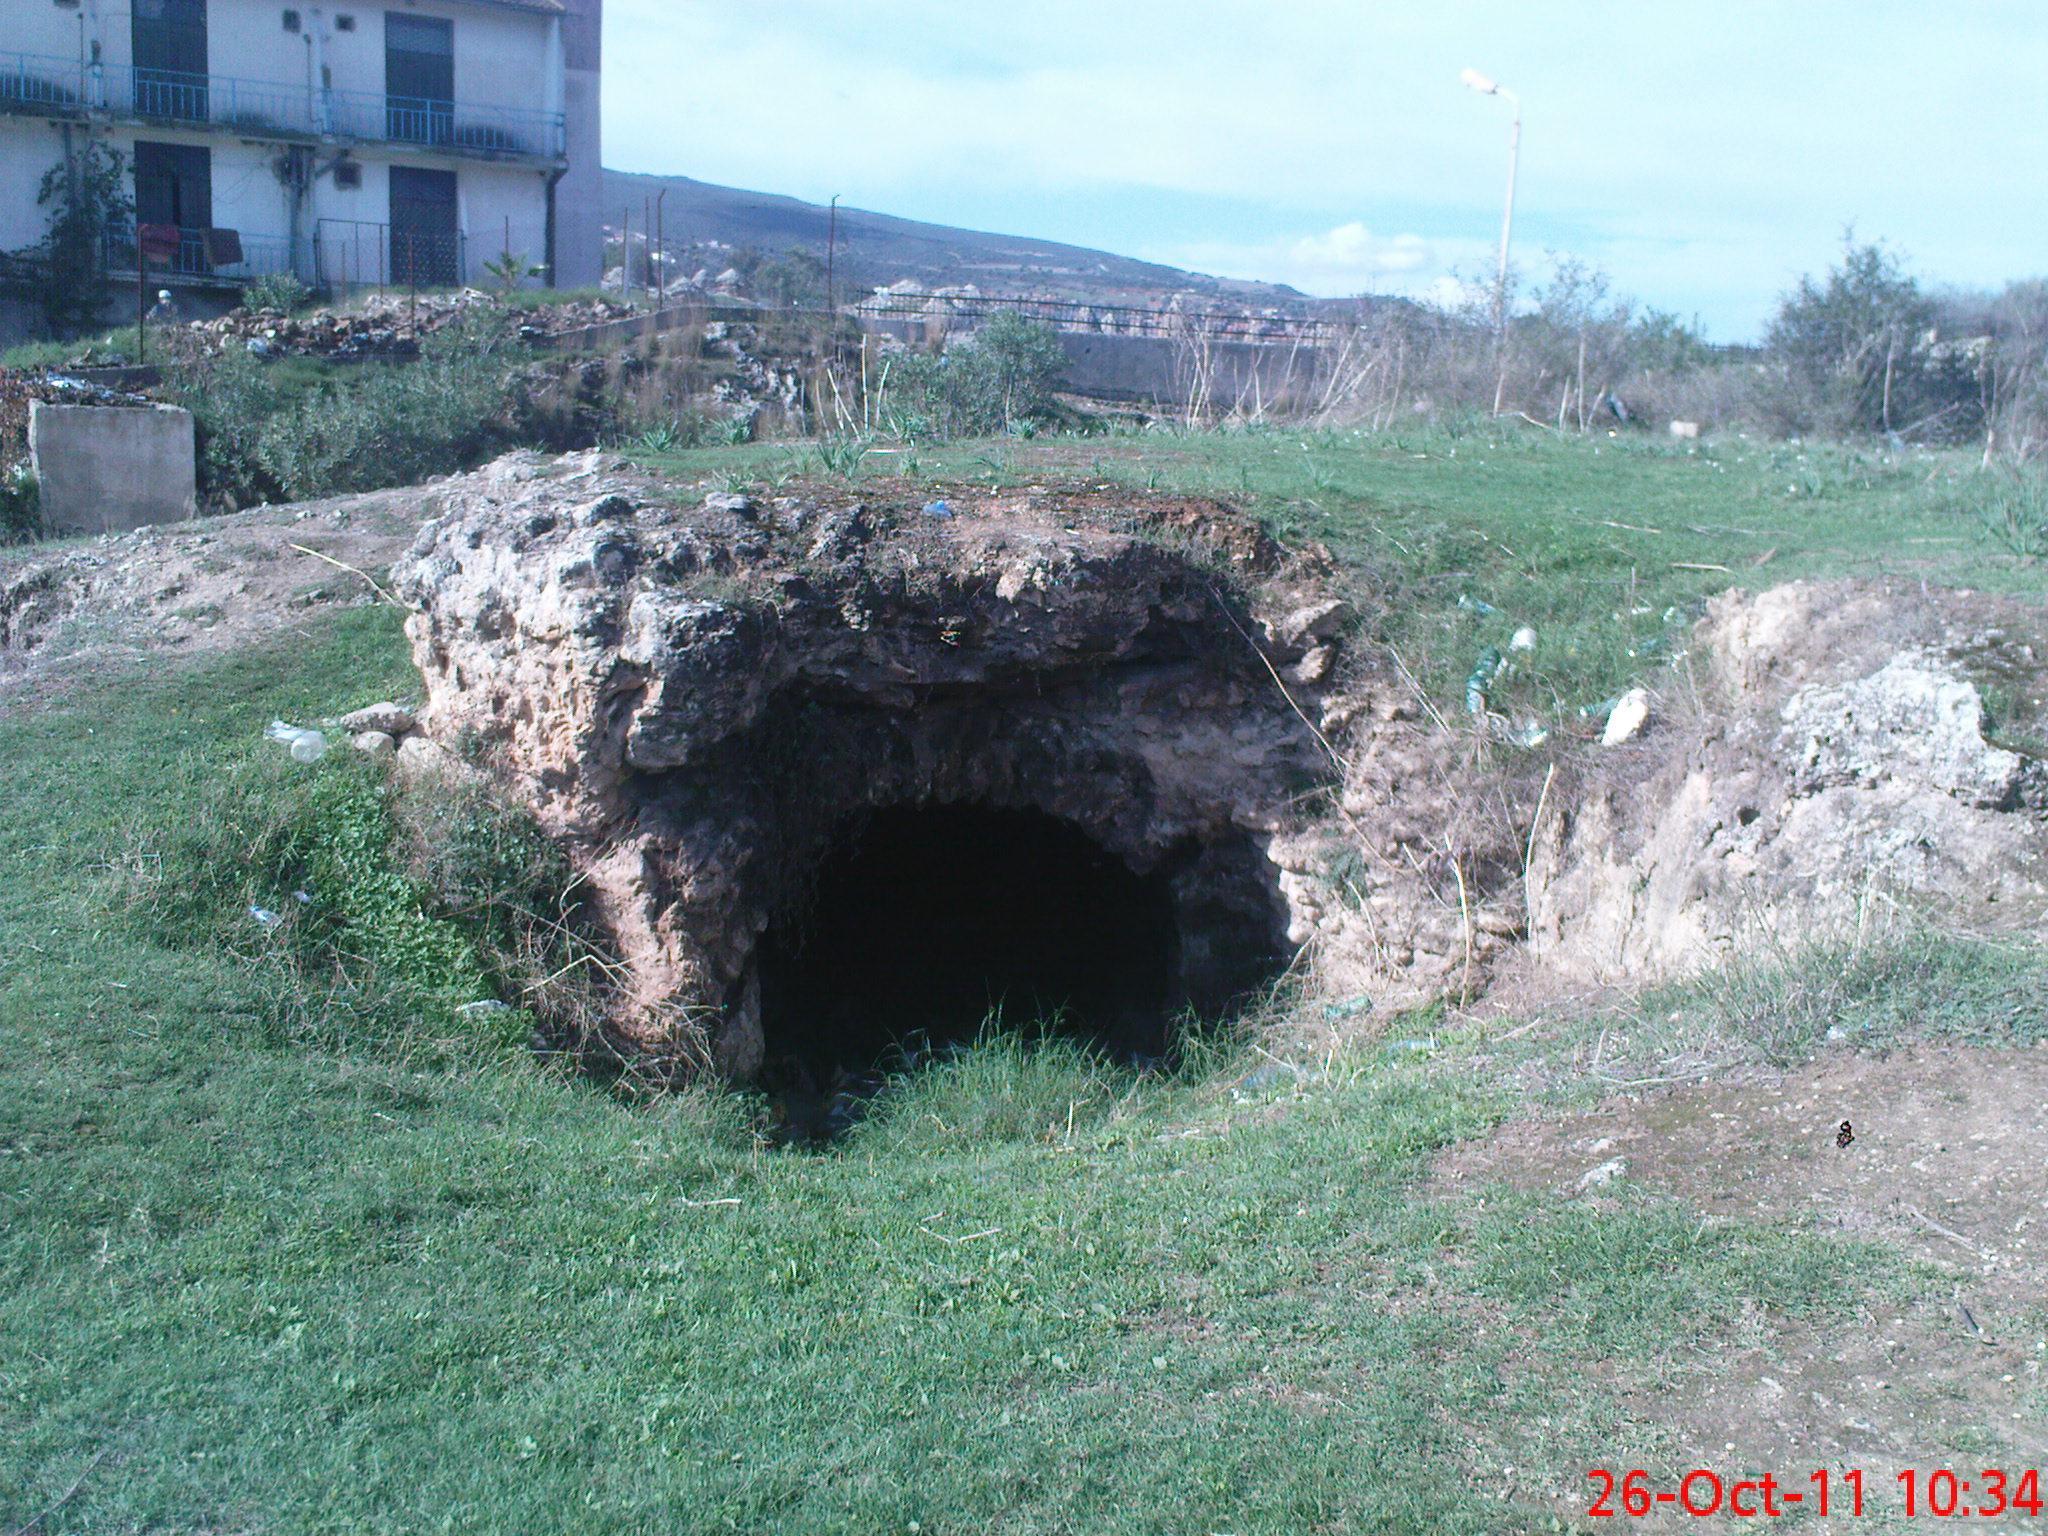 صور حصرية من حمام الشلالة حمام دباغ 219611595